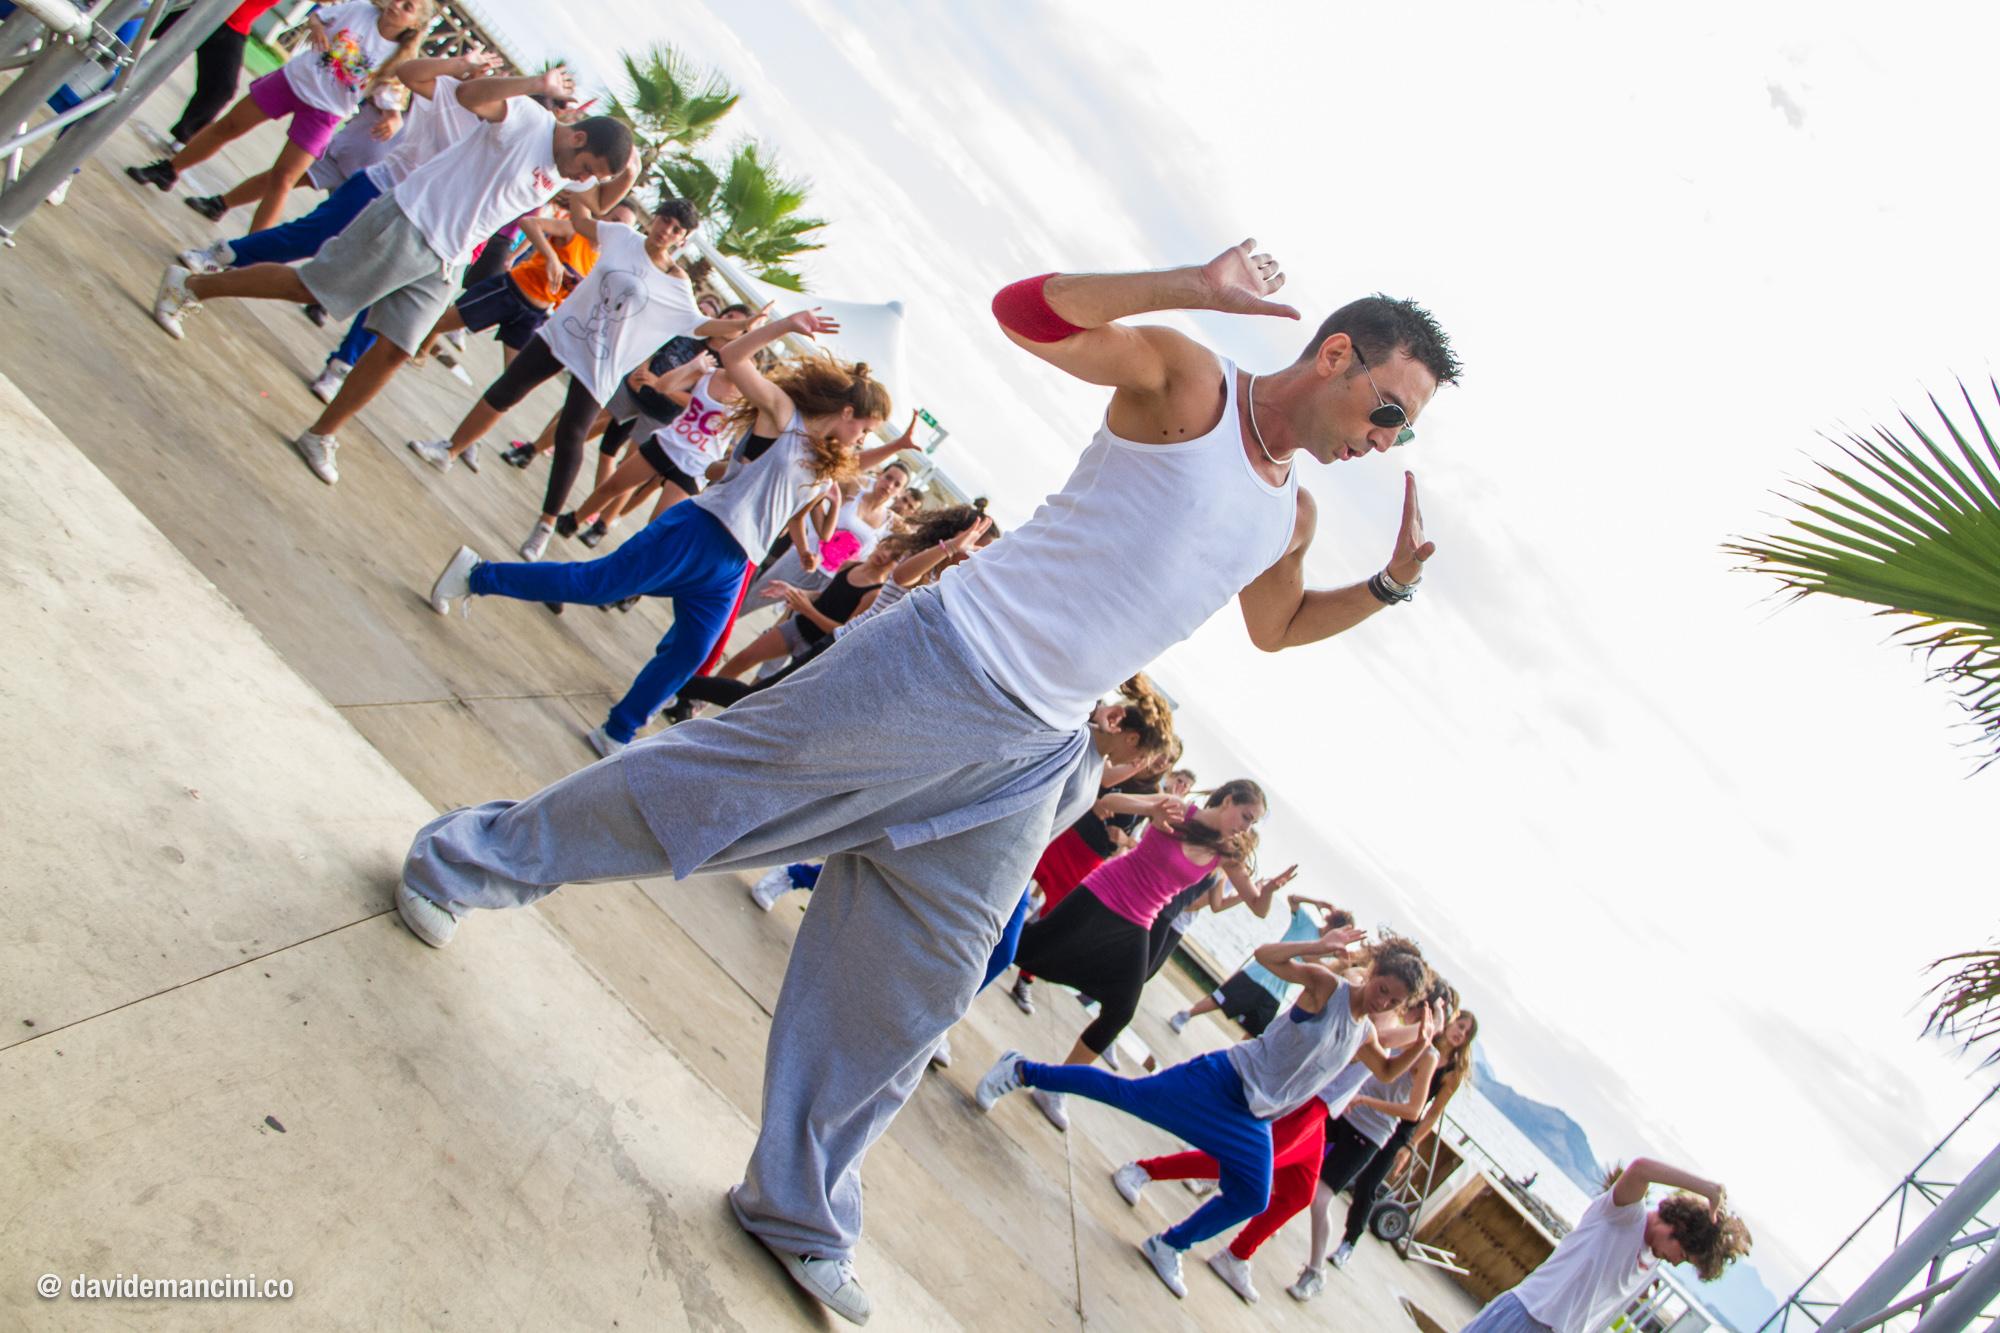 Arenile Dance Festival, 4 giorni con artisti di fama internazionale